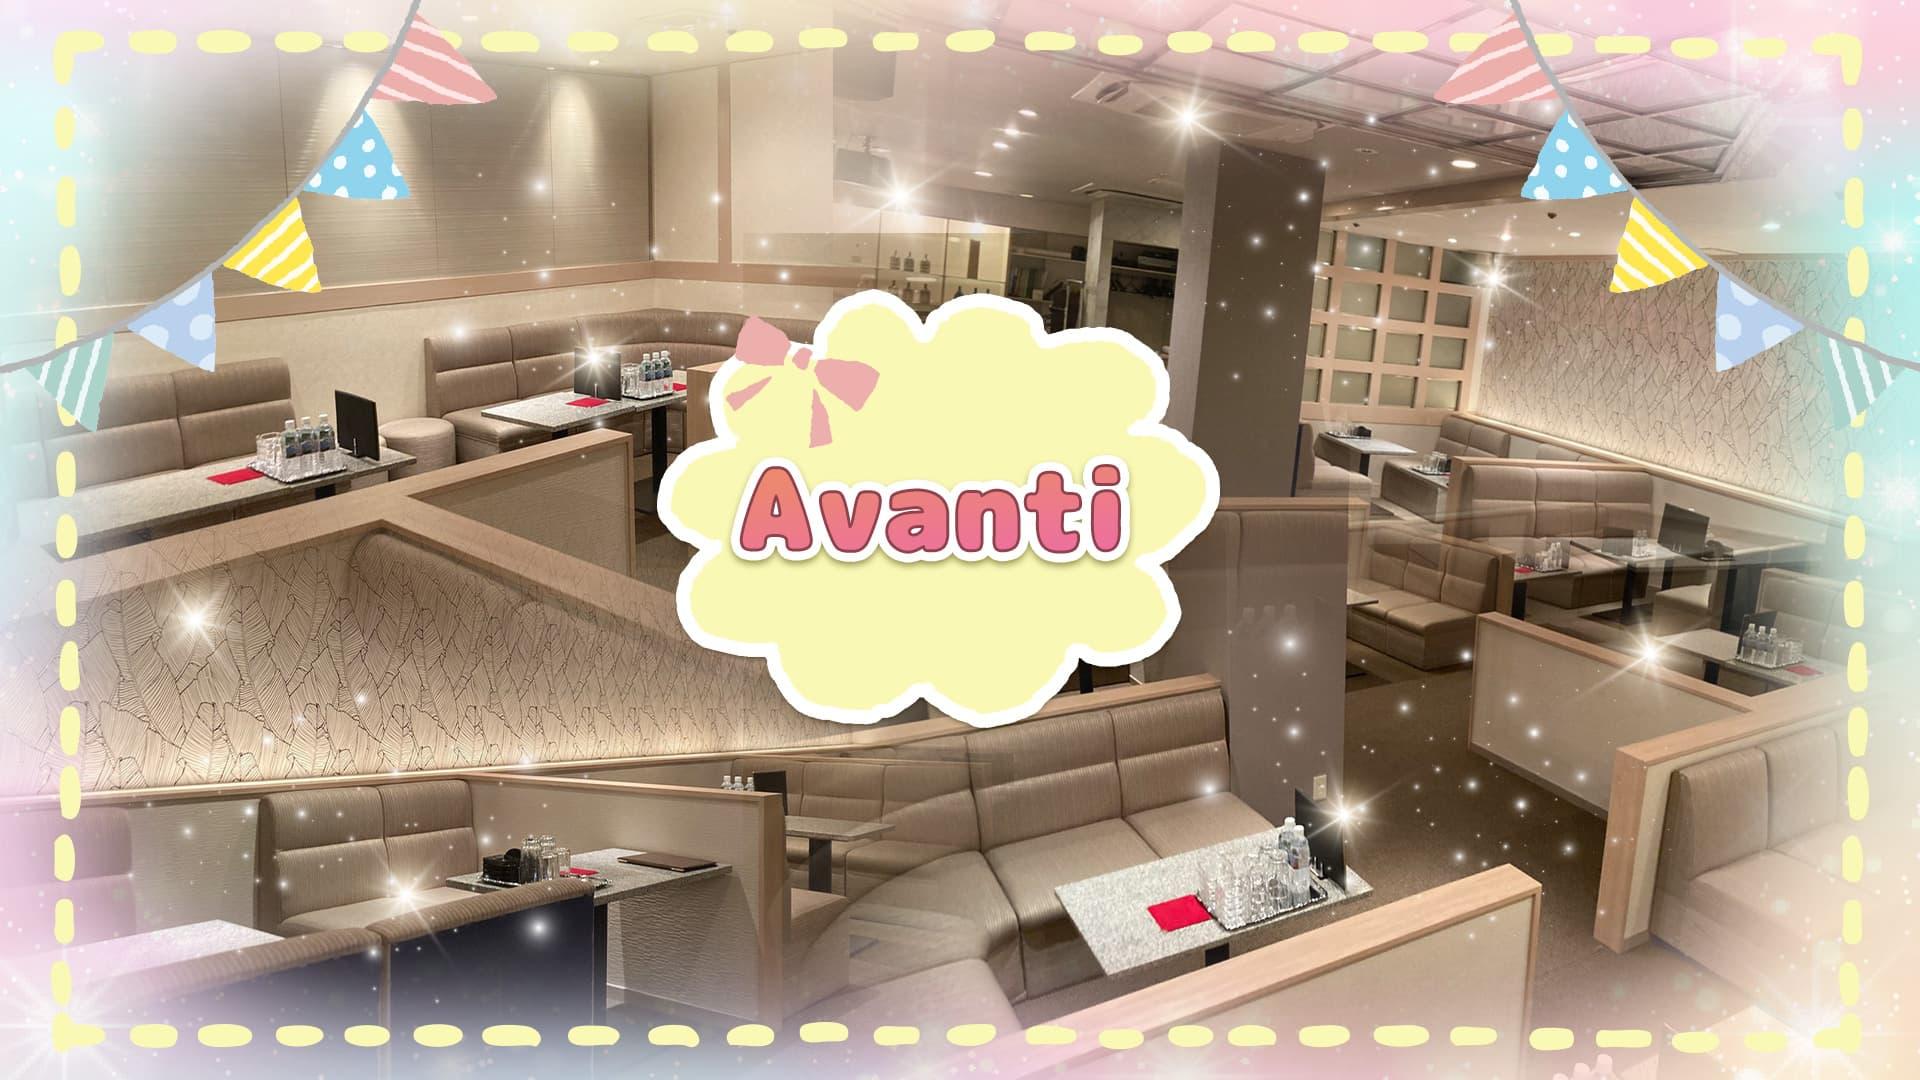 【朝昼キャバ】Avanti(アヴァンティ)【公式求人・体入情報】 難波昼キャバ・朝キャバ TOP画像